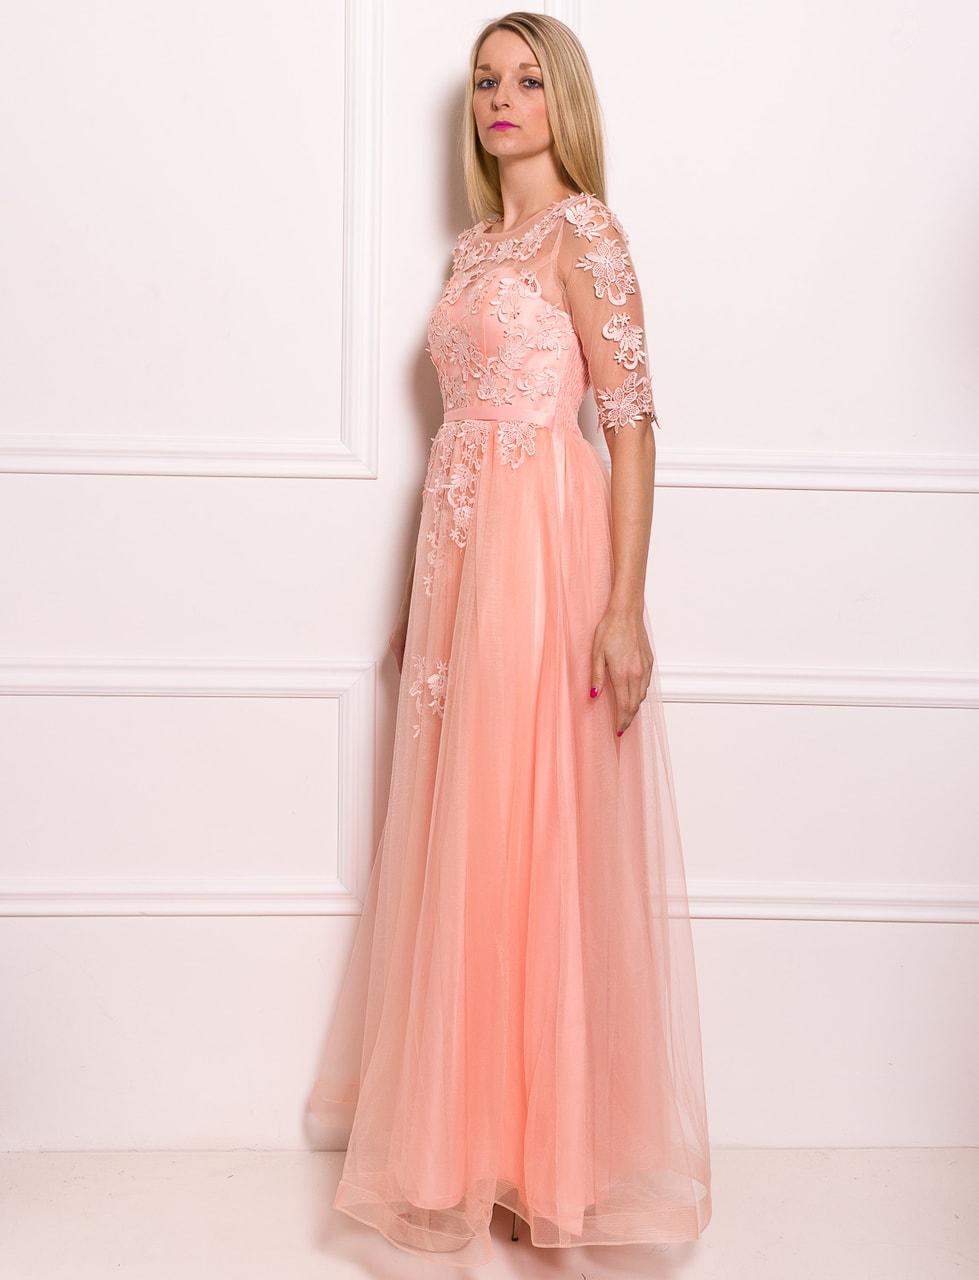 Glamadise.sk - Spoločenské luxusné dlhé šaty s rukávom - svetlo ... feeee87c0da